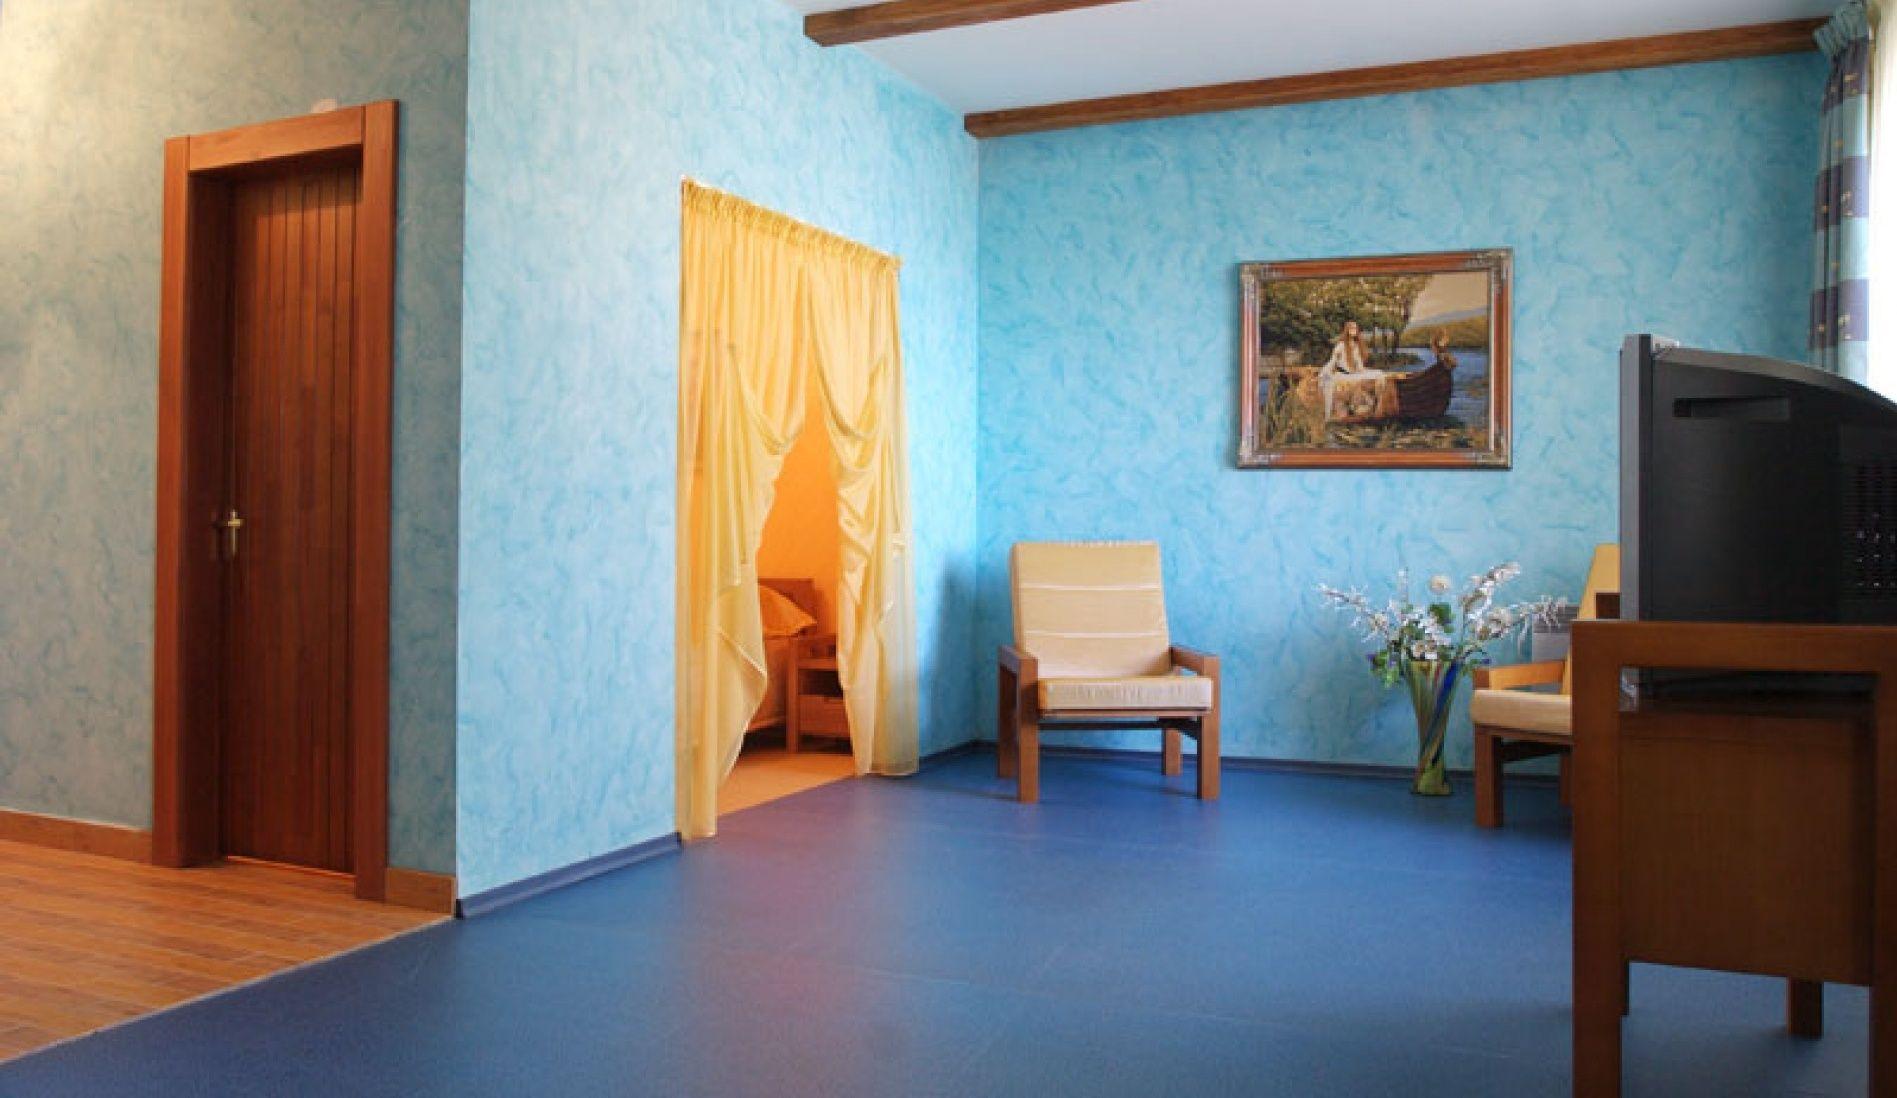 """Загородный гостиничный комплекс """"Орбита"""" Самарская область Двухкомнатный 4-х местный номер в гостинице, фото 2"""